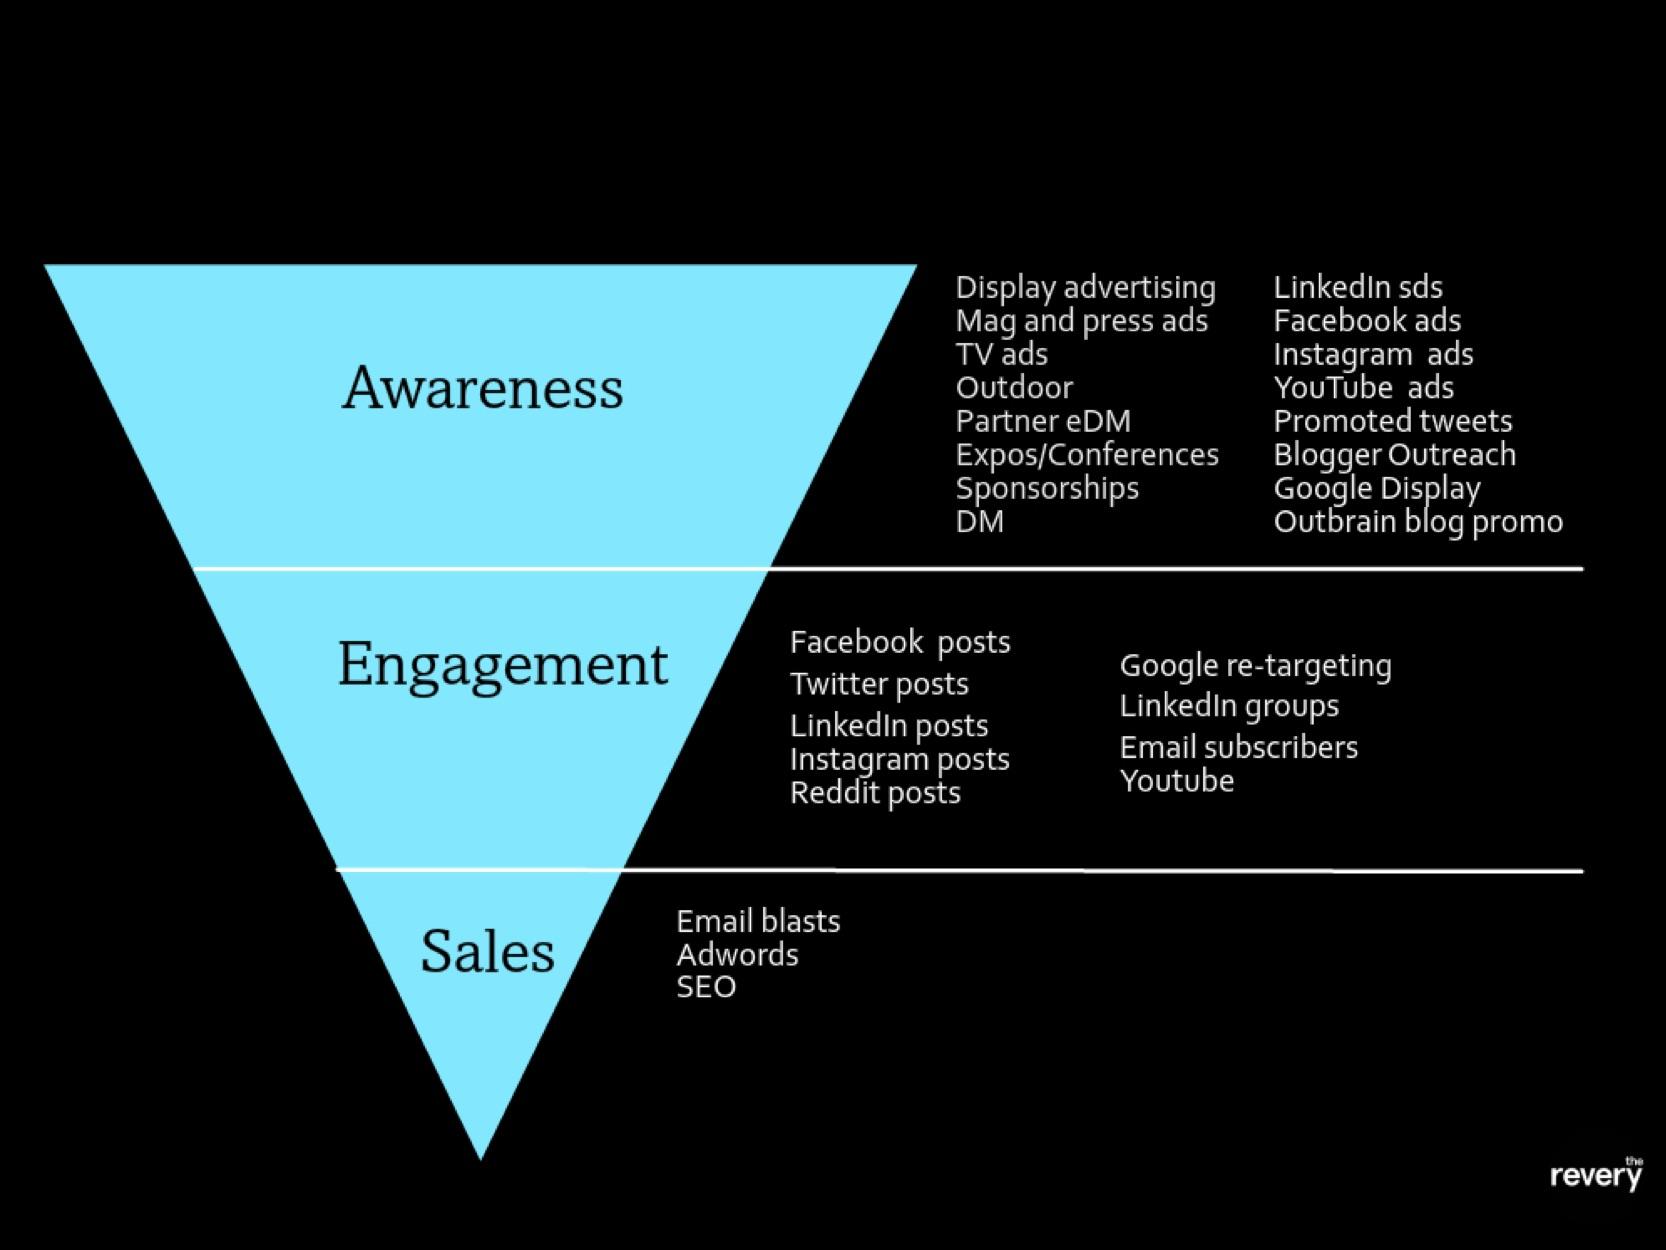 Marketing plan channels